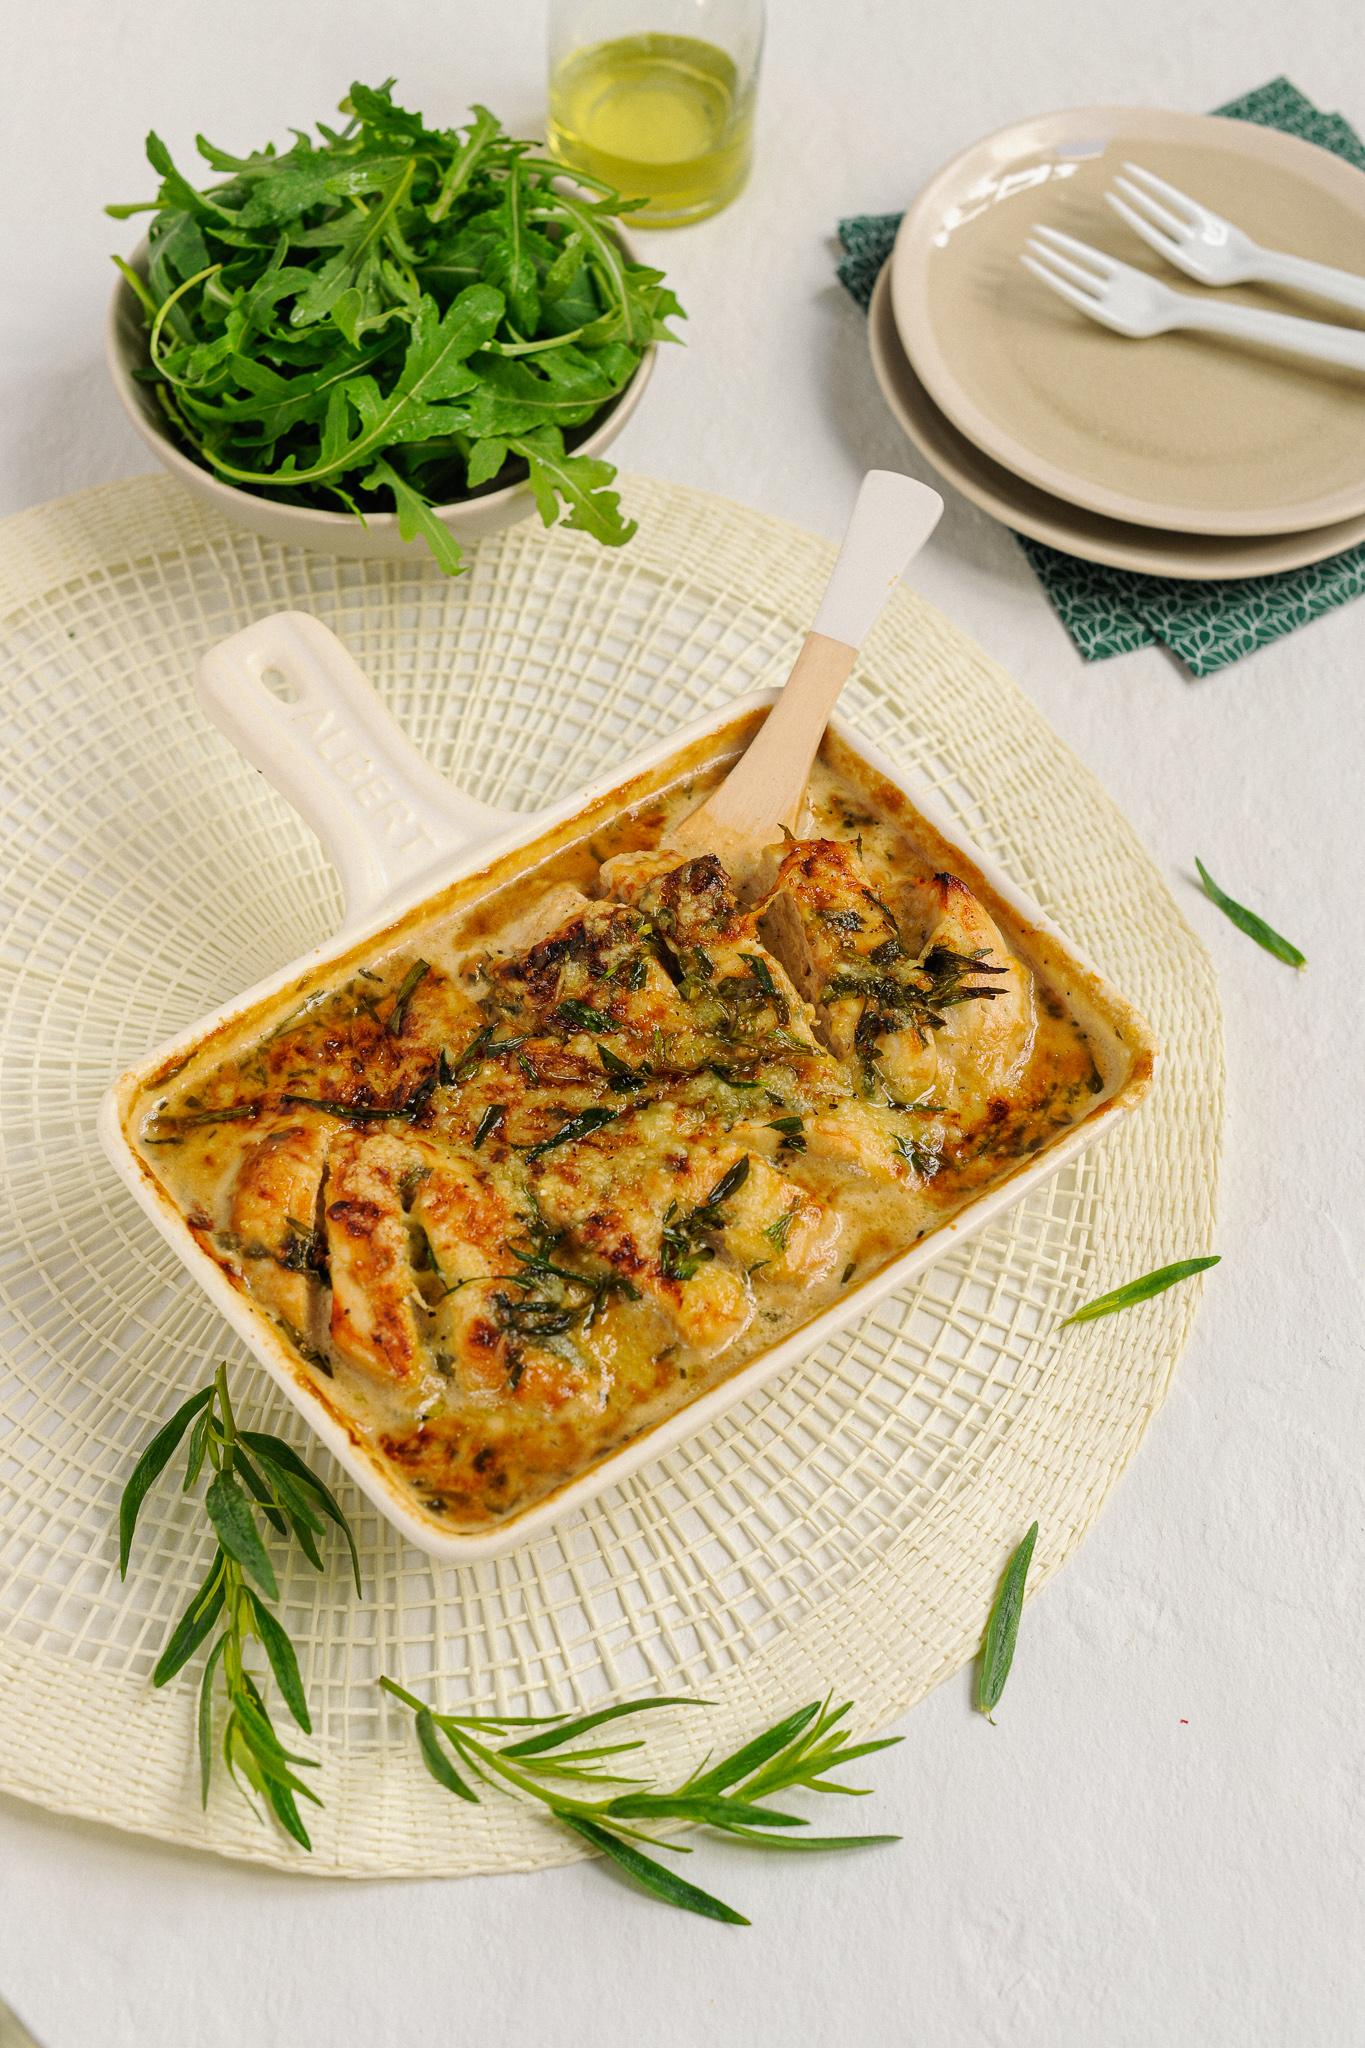 blog culinaire photographe culinaire lyon recette poulet estragon sauce worcestershire